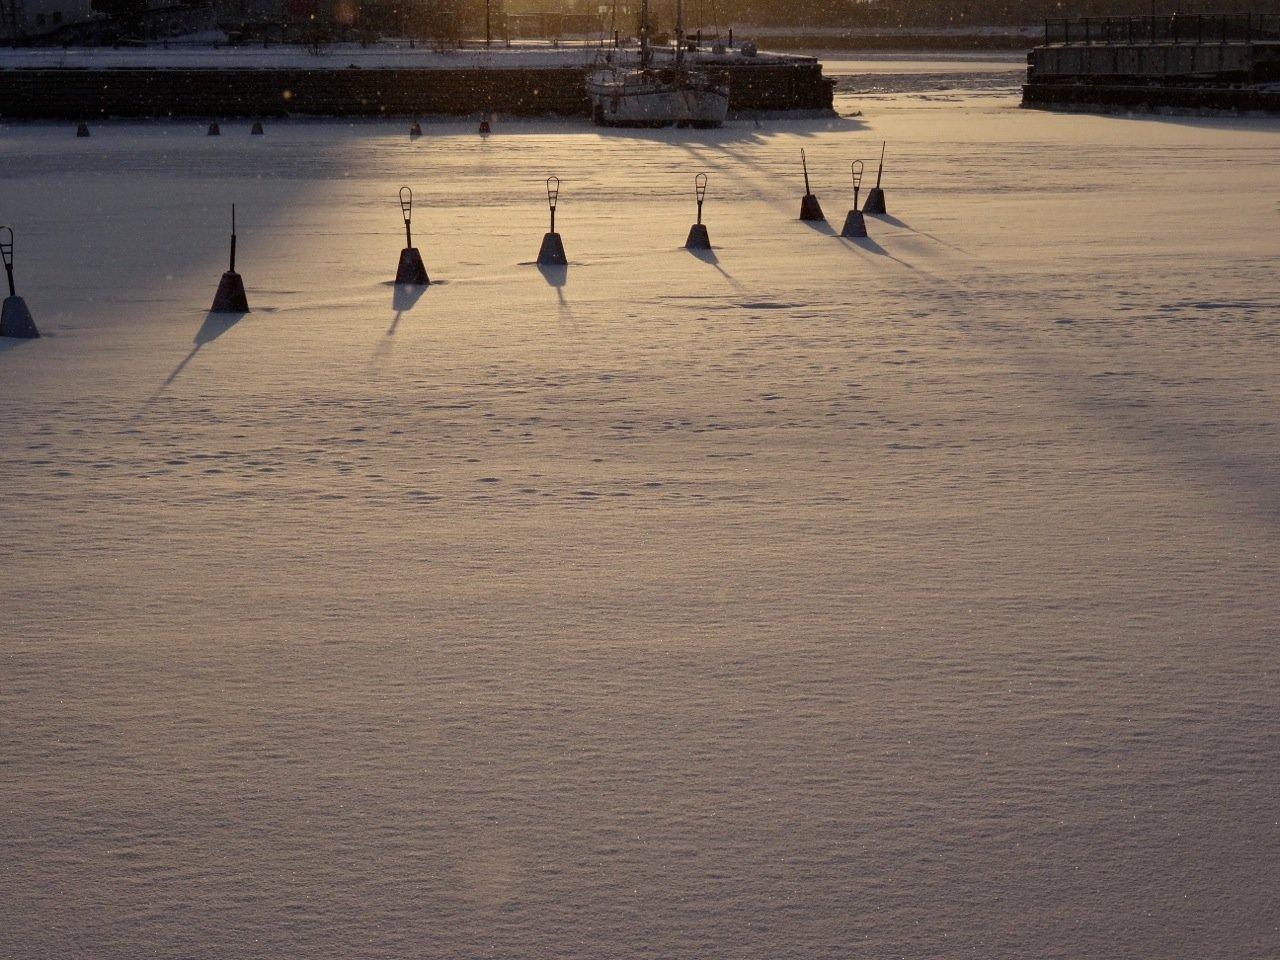 Zugefrorener Hafen mit eingefrorenen Bojen in helsinki im Winter ©Tarja Prüss